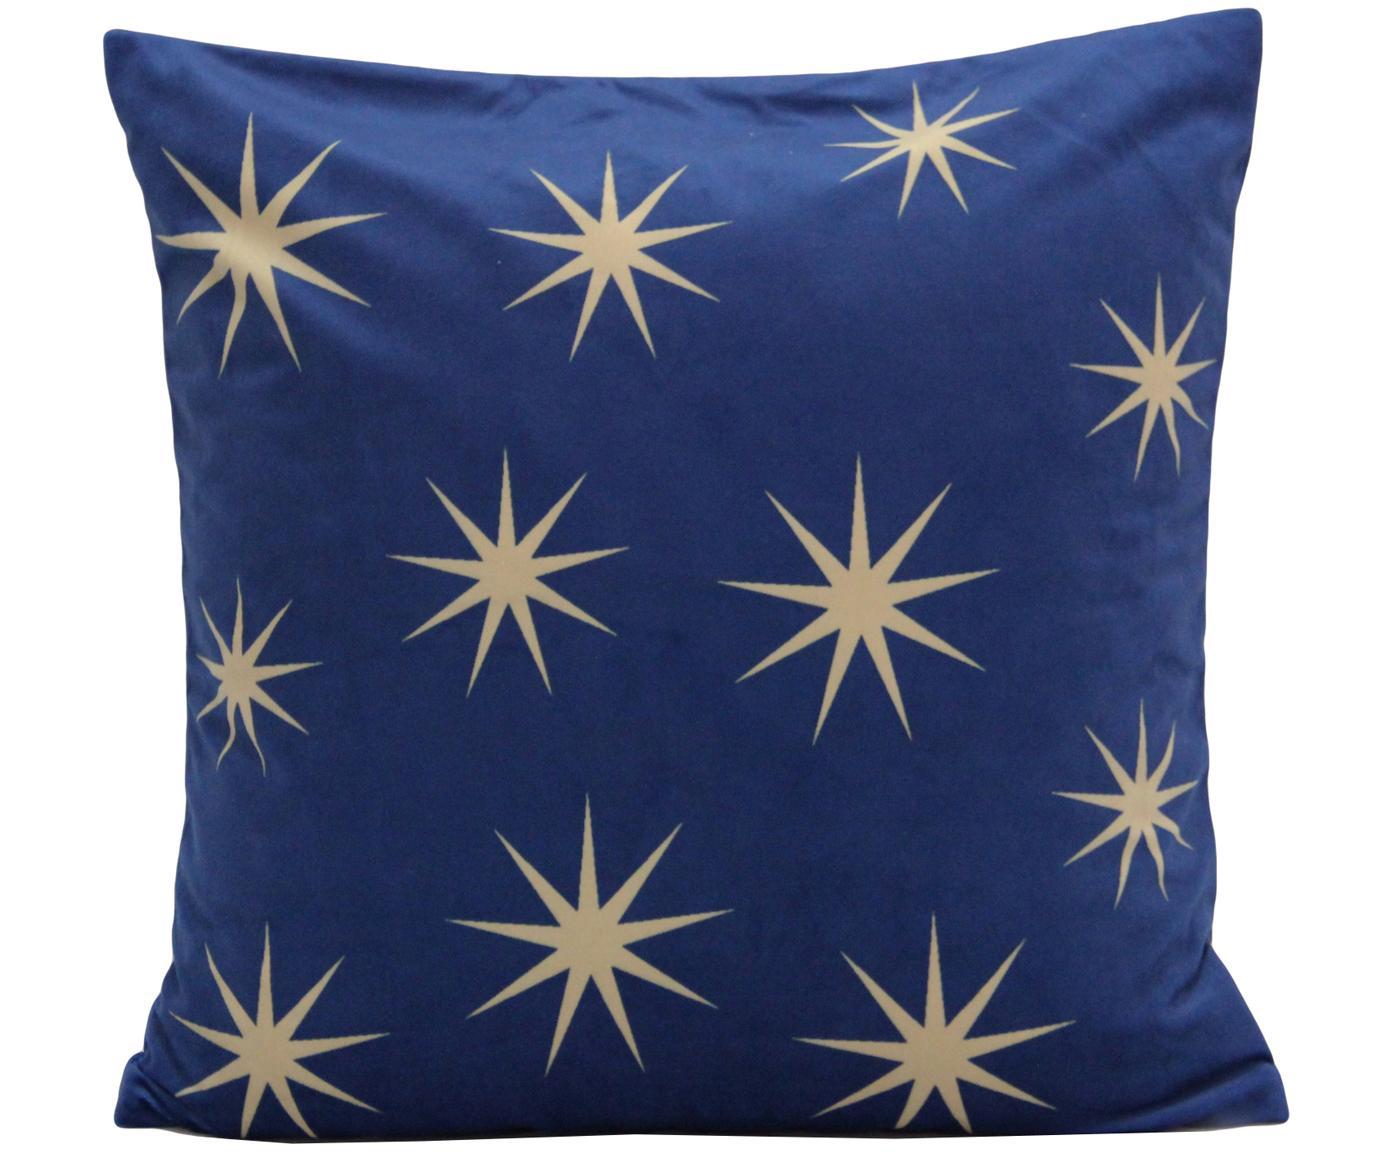 Federa arredo in velluto con ricami a stelle Stars, Velluto di poliestere, Blu, beige, Larg. 45 x Lung. 45 cm